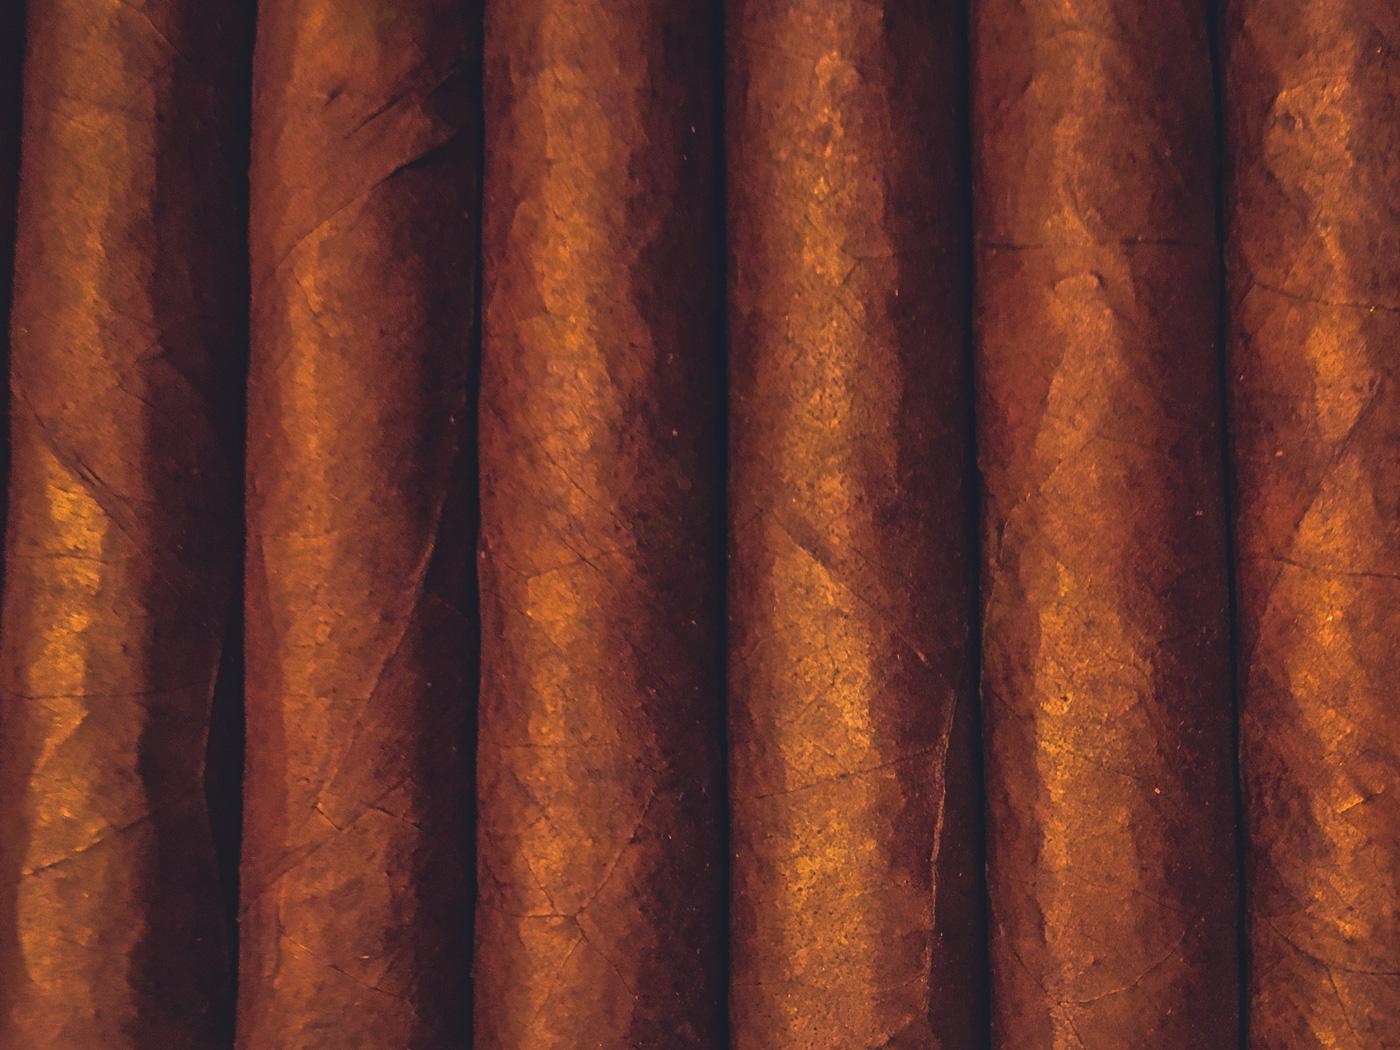 hb images - cigar - 2